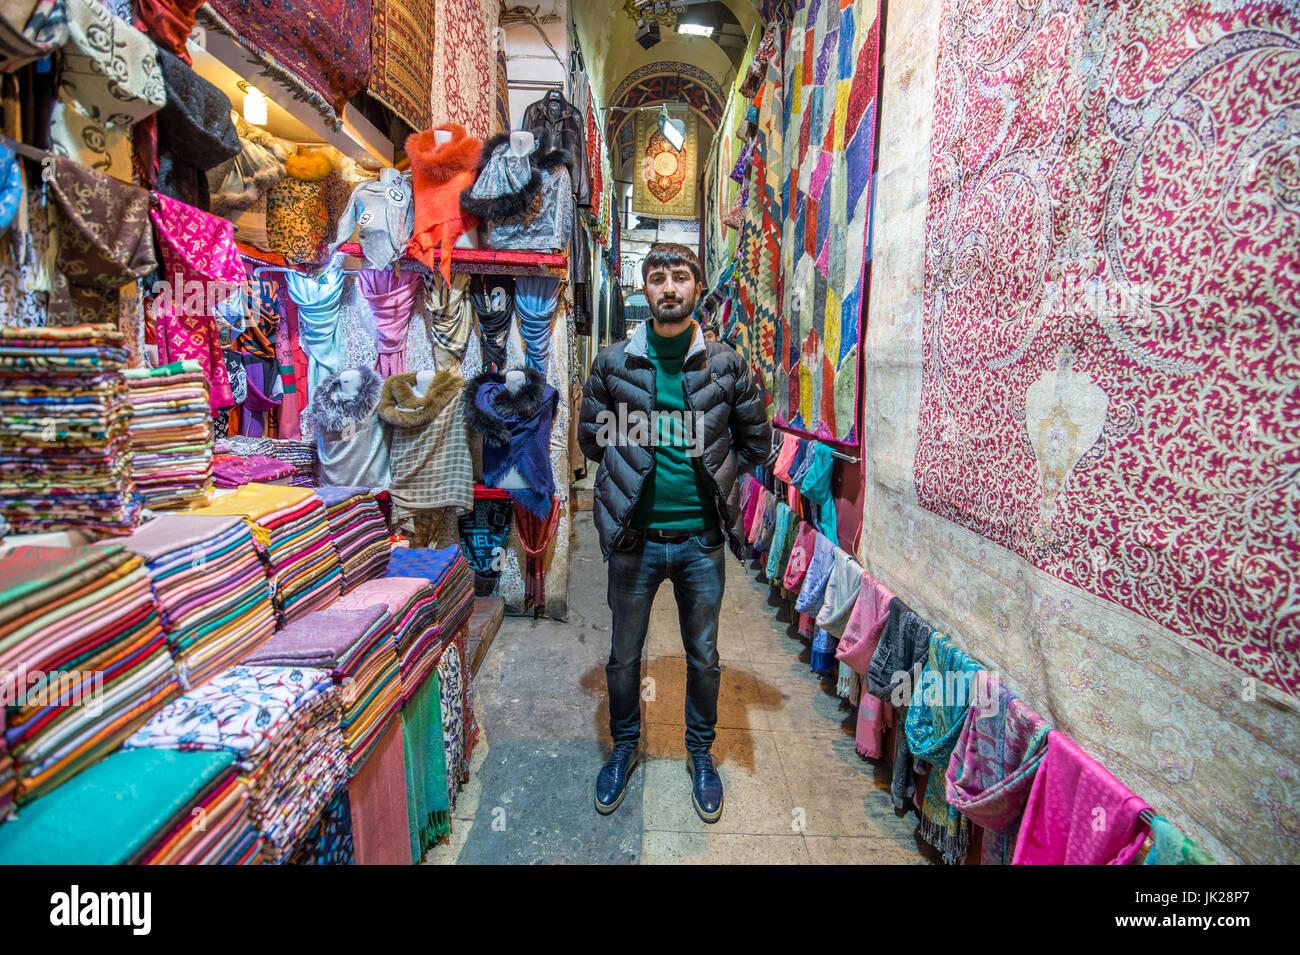 9a1a97a78f66 Un propriétaire de boutique avec une sélection de foulards colorés et  tapisseries au Grand Bazar Photo